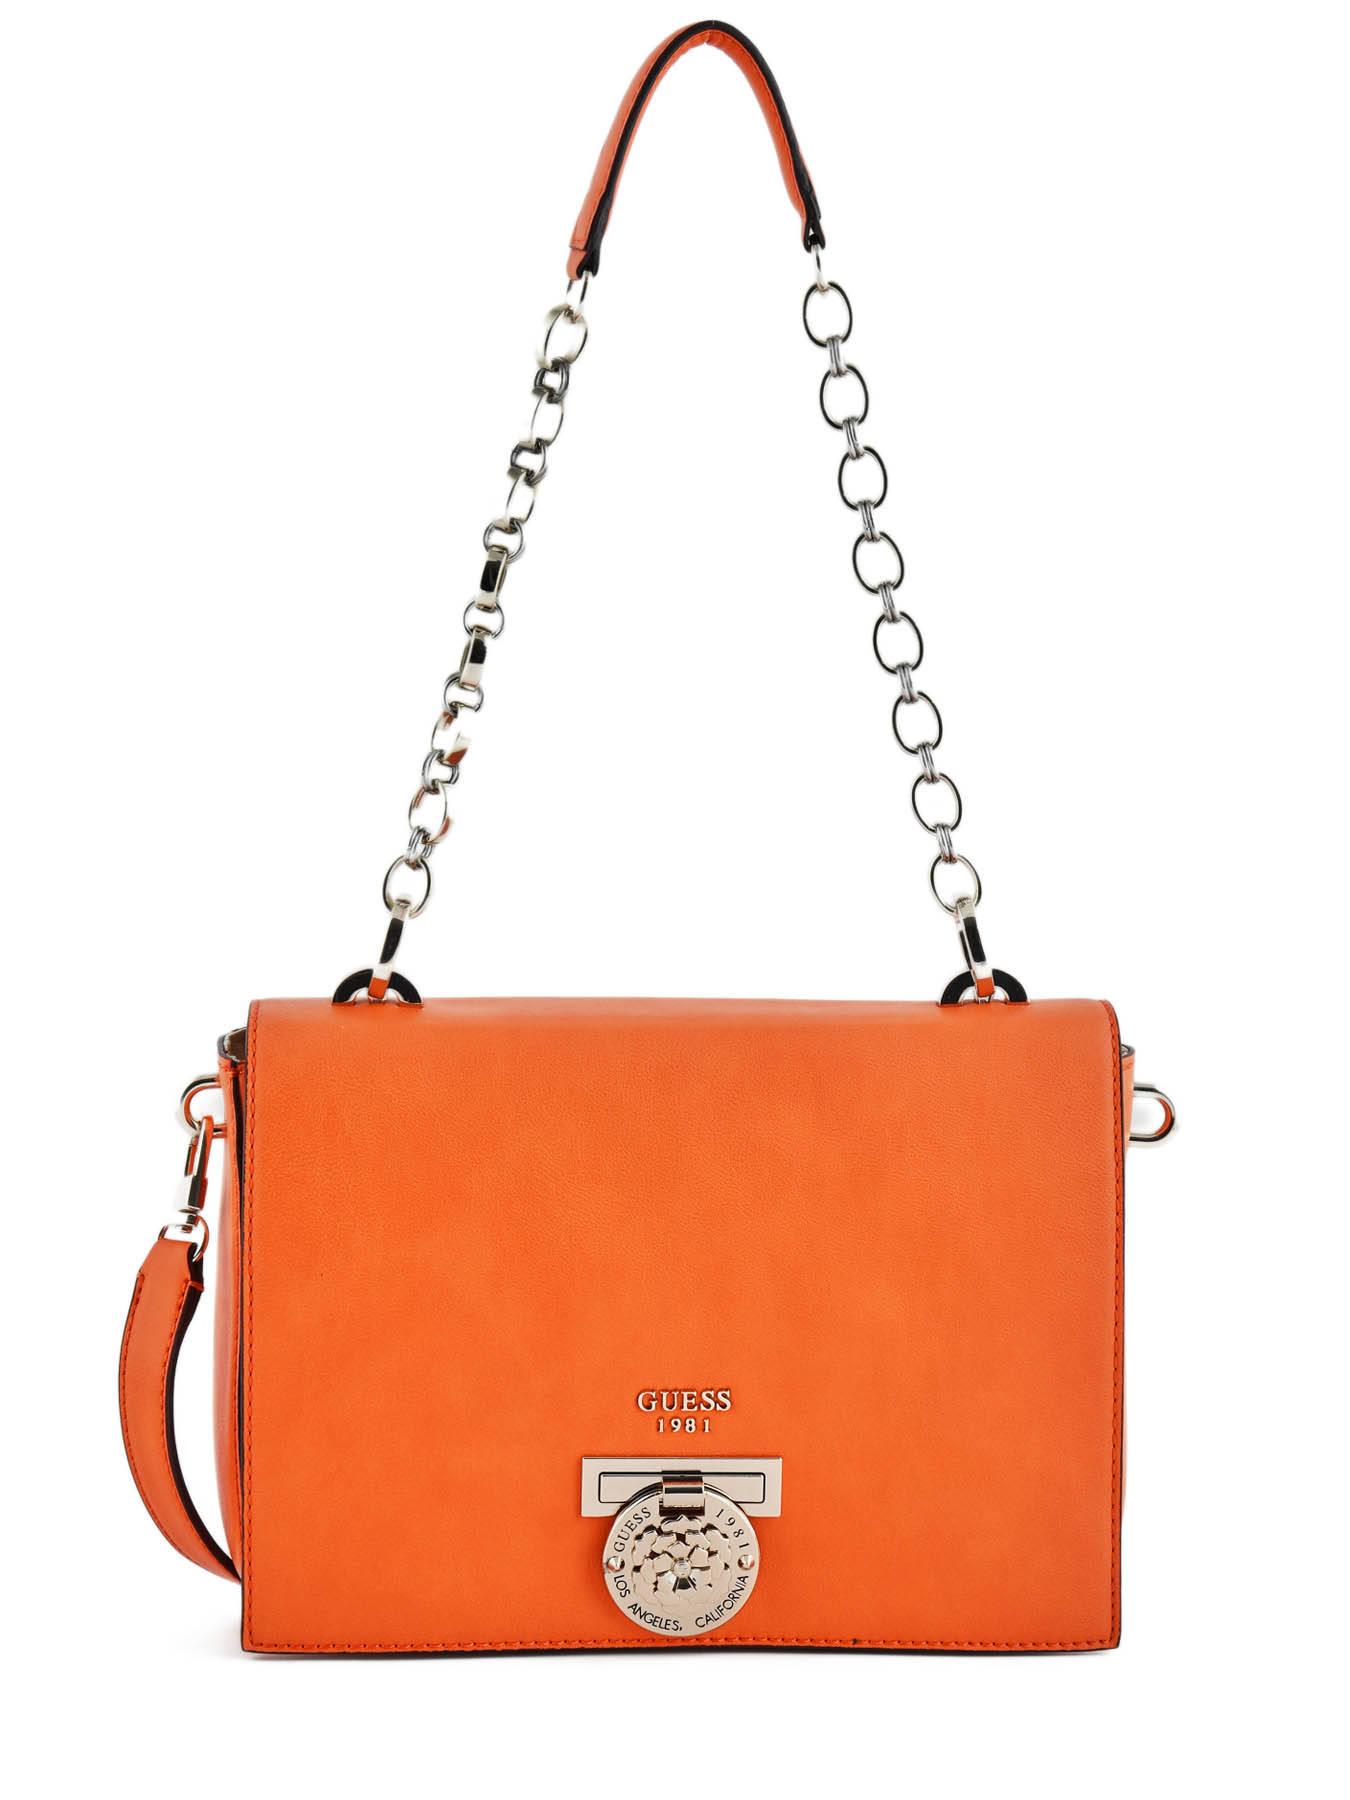 7d44c465003 Sac porté épaule Guess HWVG.7177200 orange en vente au meilleur prix